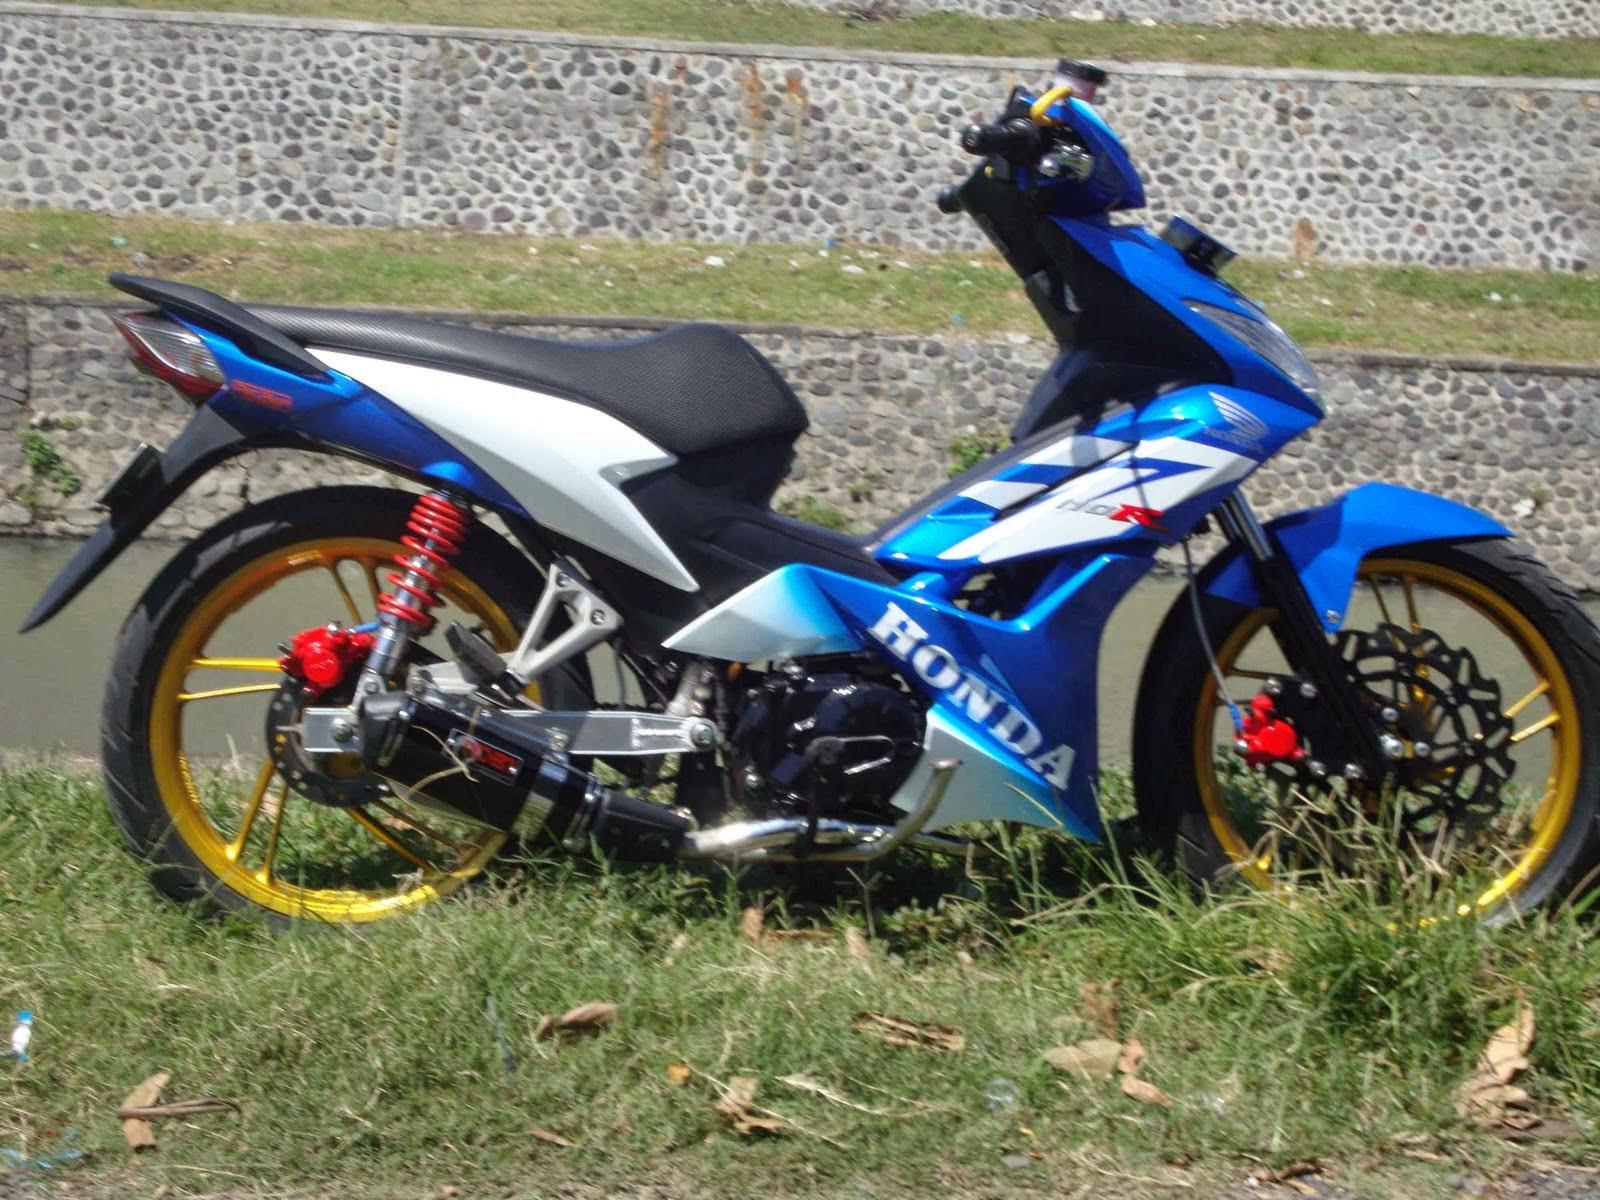 Modifikasi Warna Honda Blade